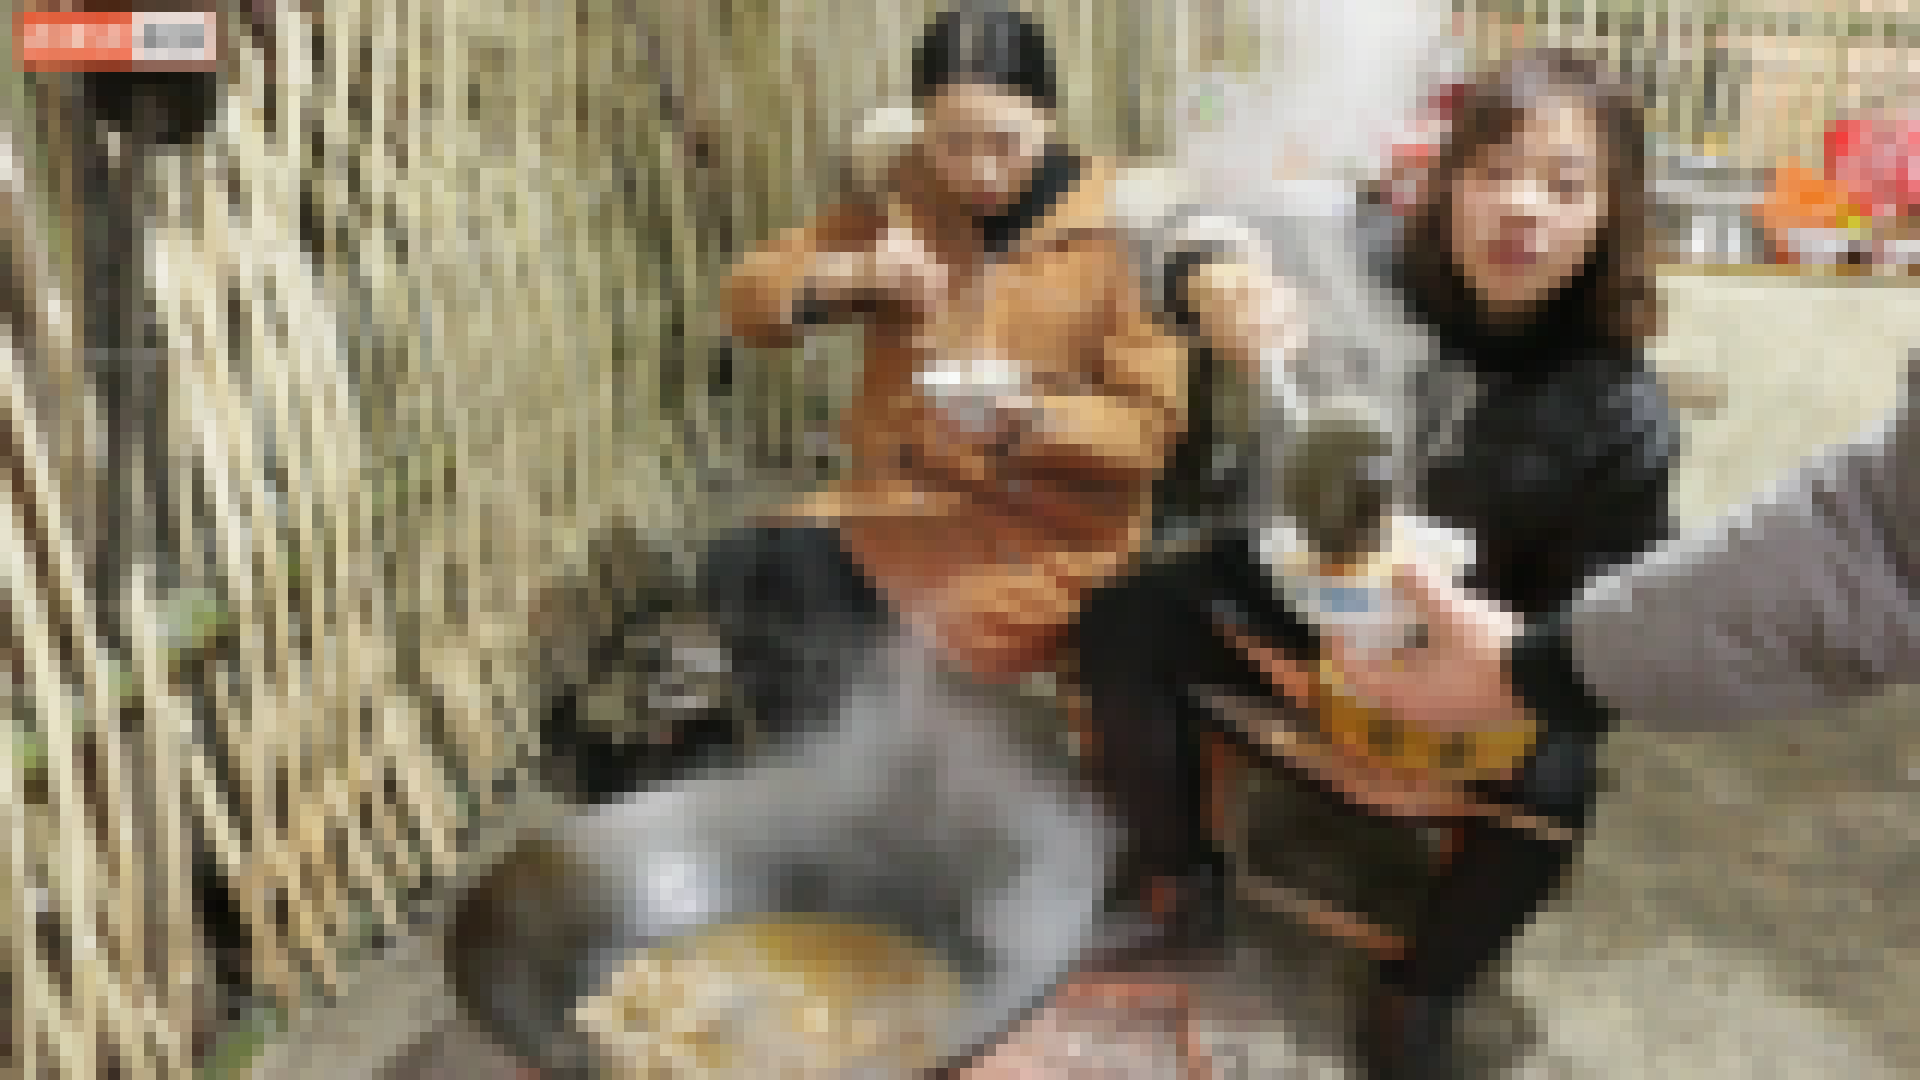 秋妹家腊排骨刚熏好,就用大铁锅炖了一锅莲藕汤,3姐弟吃得真香